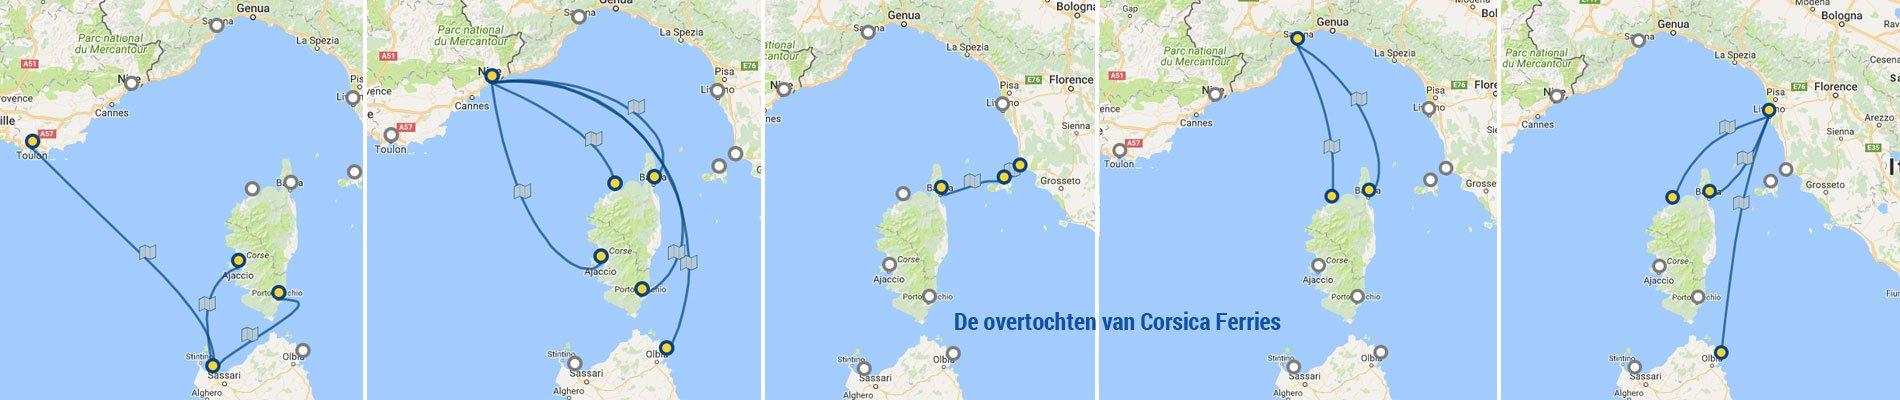 corsica ferries overtocht elba